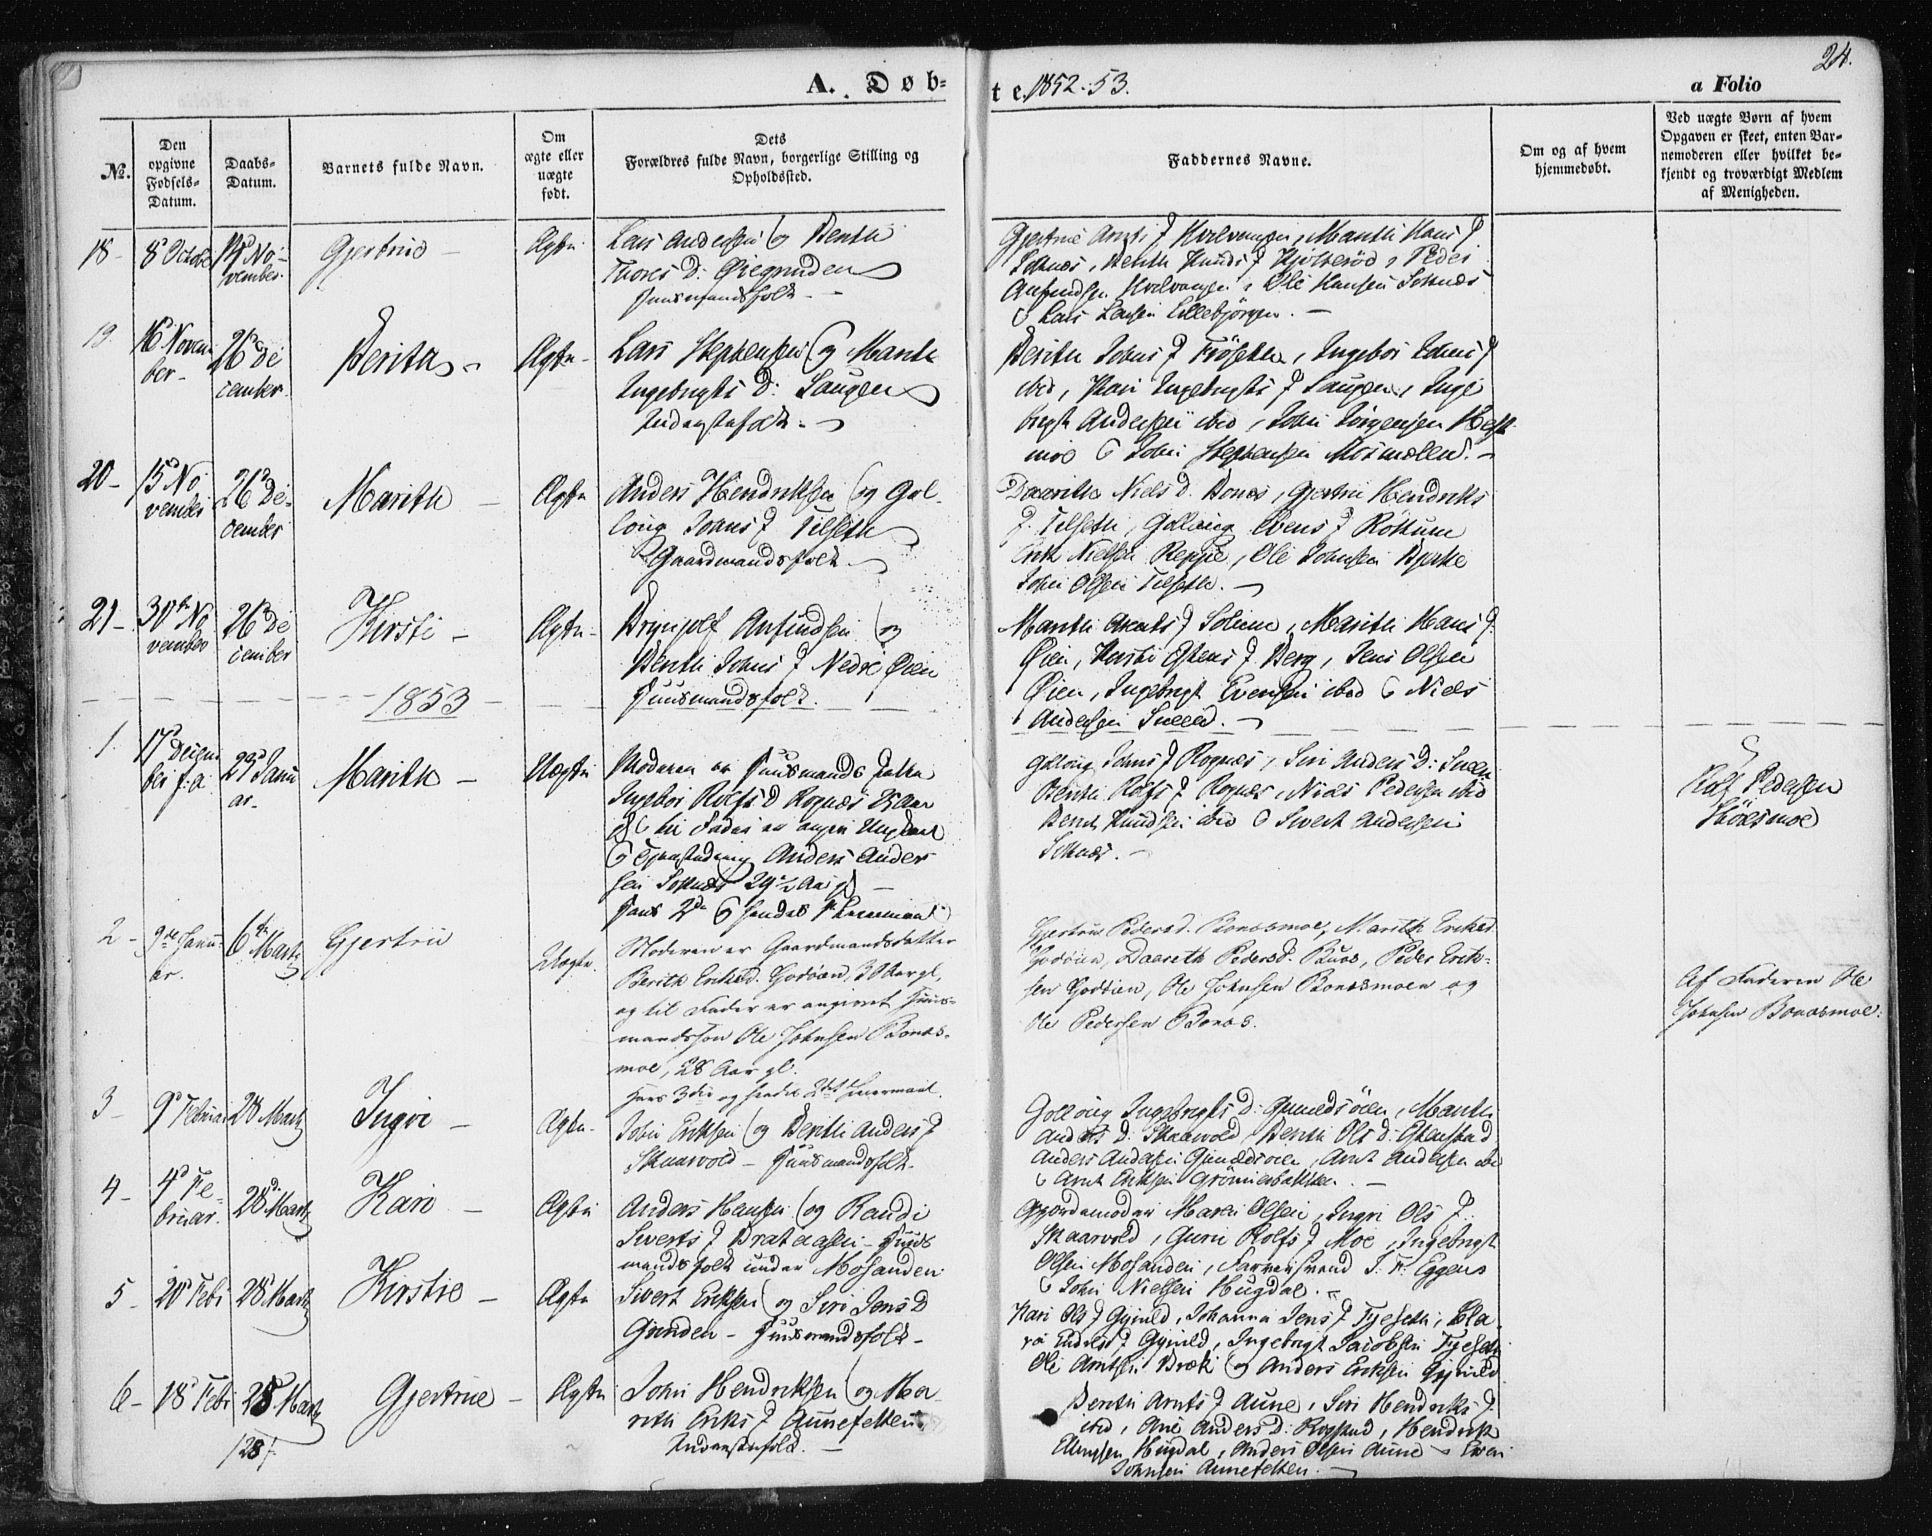 SAT, Ministerialprotokoller, klokkerbøker og fødselsregistre - Sør-Trøndelag, 687/L1000: Ministerialbok nr. 687A06, 1848-1869, s. 24